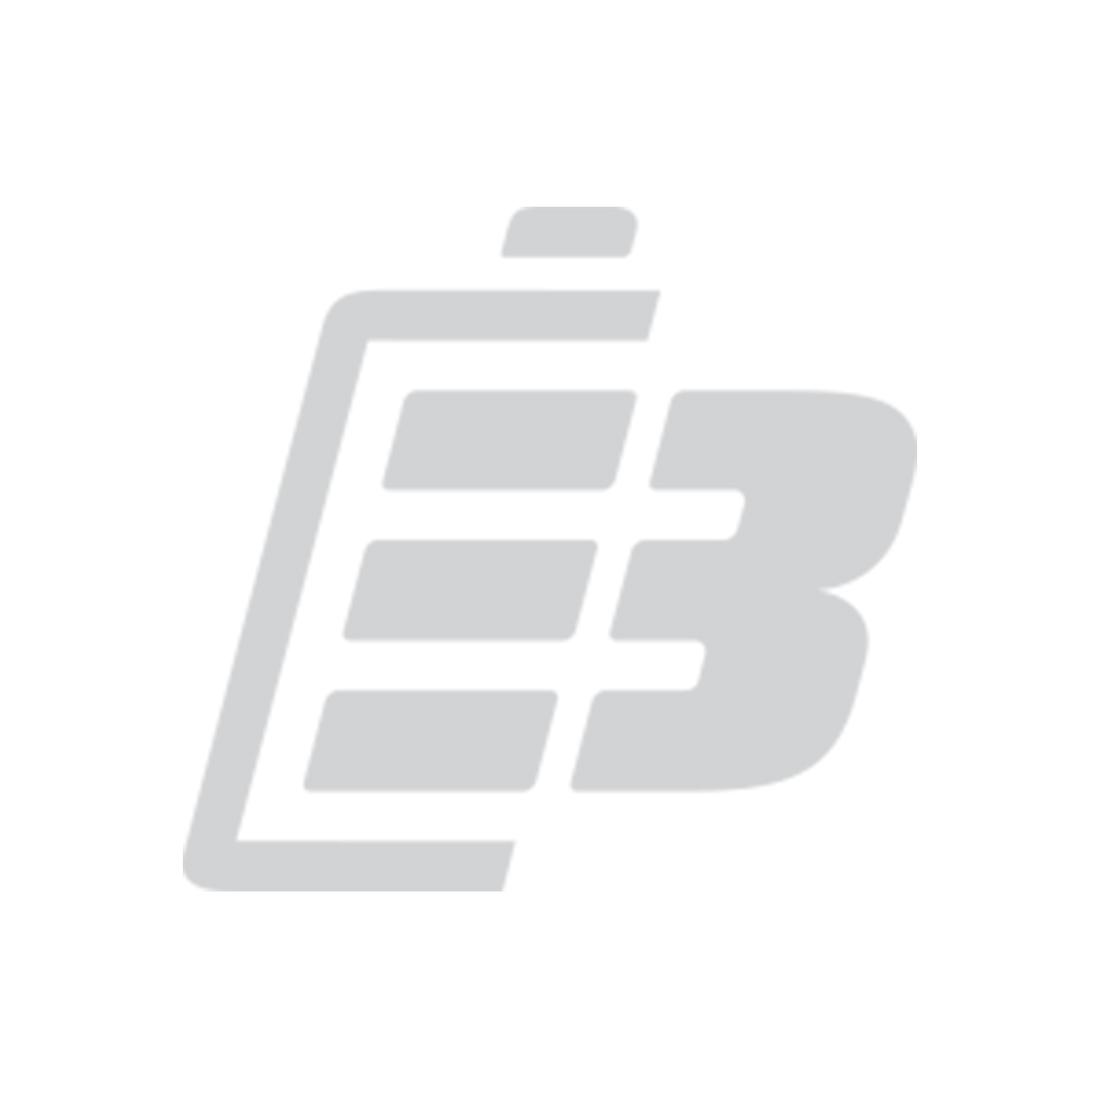 Μπαταρία GPS Garmin Nuvi 1300_1